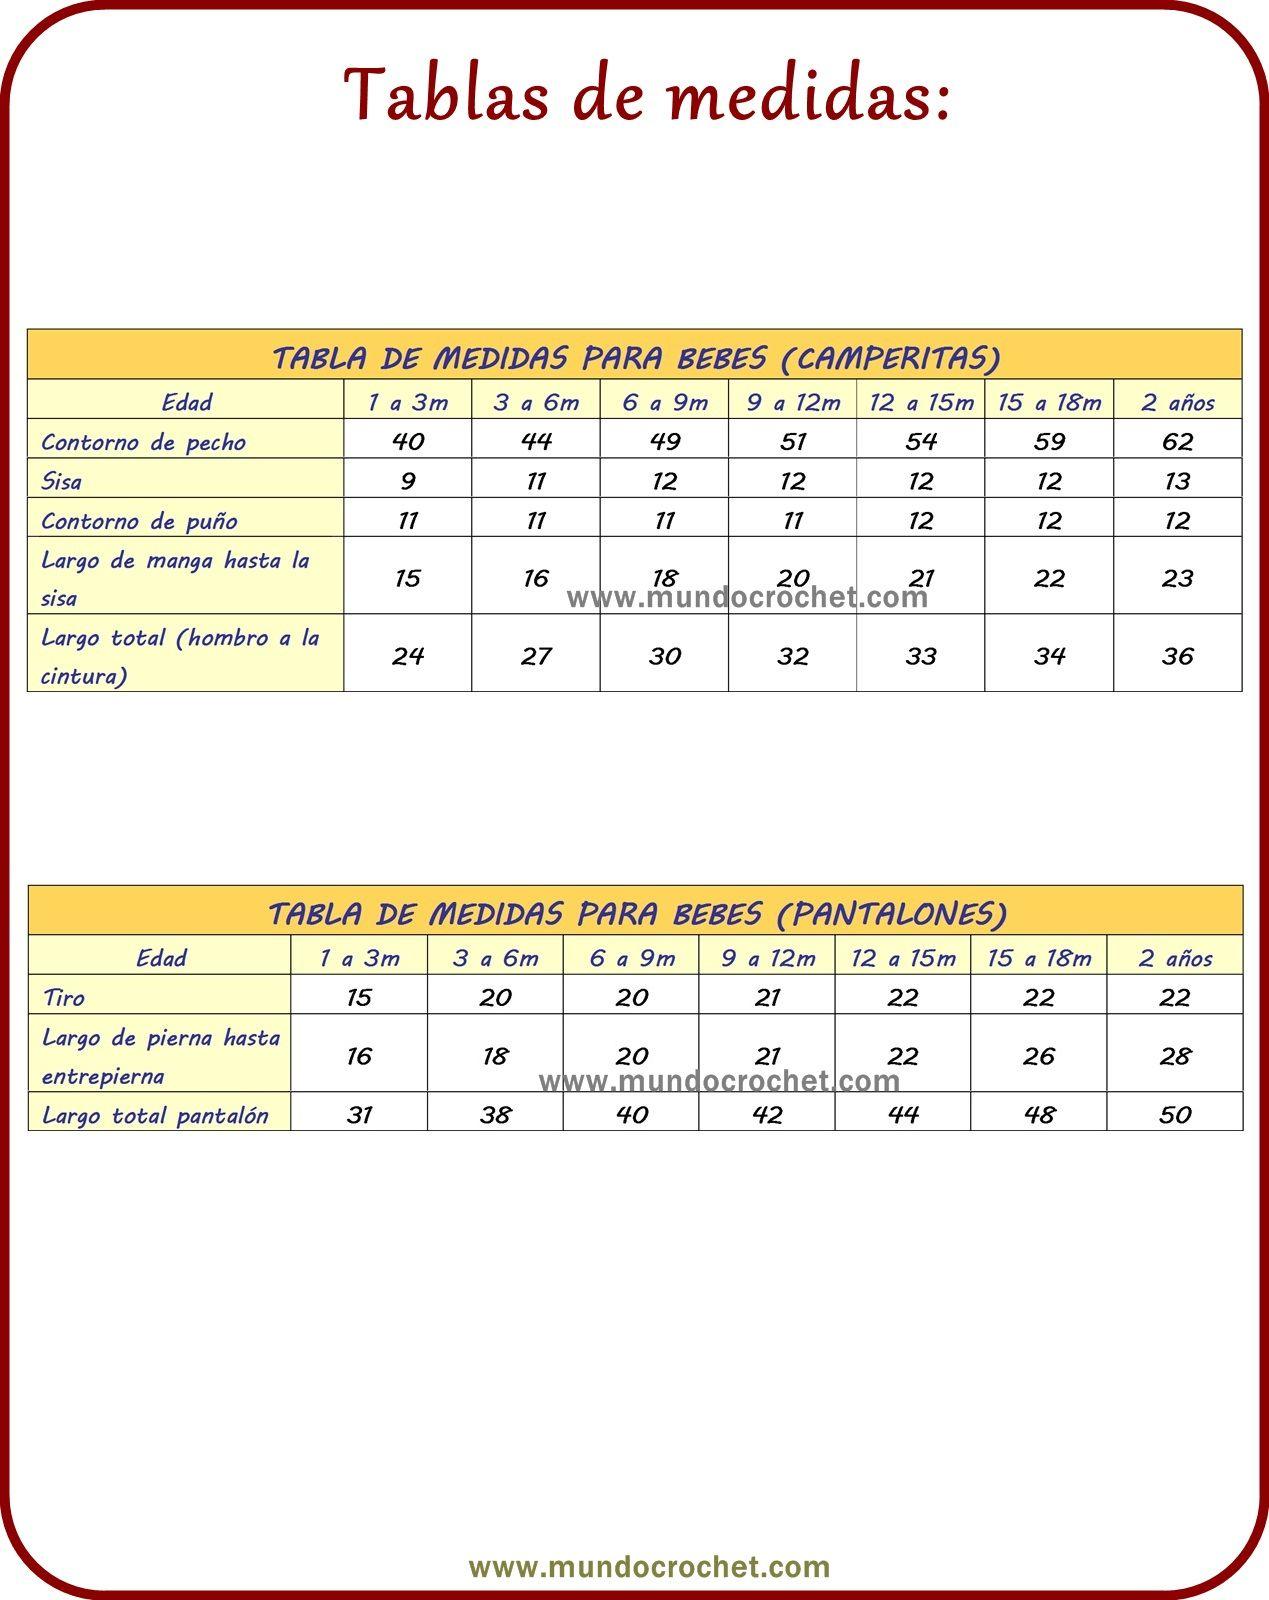 Tablas de medidas de mujeres, niños y hombres: Tabla de medidas de mujer de la talla 36 a Tabla de medidas de hombre de la talla 36 a Tabla de medidas de niños de la talla 1 mes a 14 años. T- España T- Patrón Tallas XS PP S P 40 M M L G 46 .